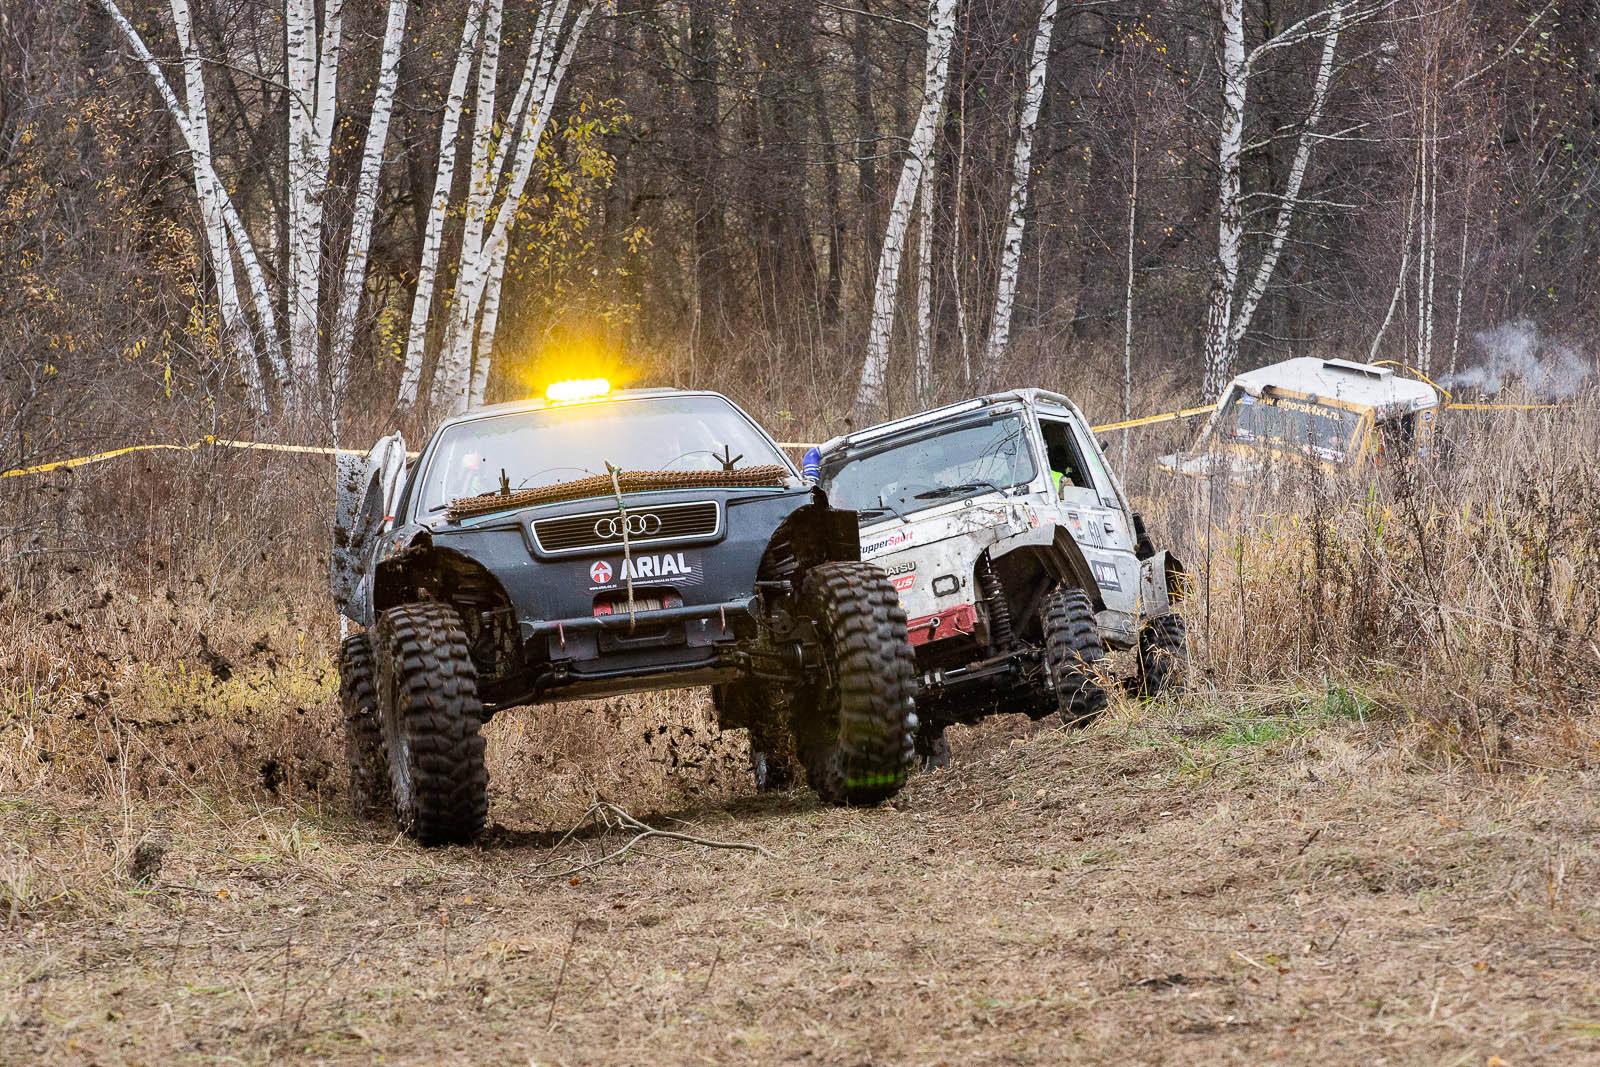 4x4 OFF-ROAD RuTec MASTERs 2018